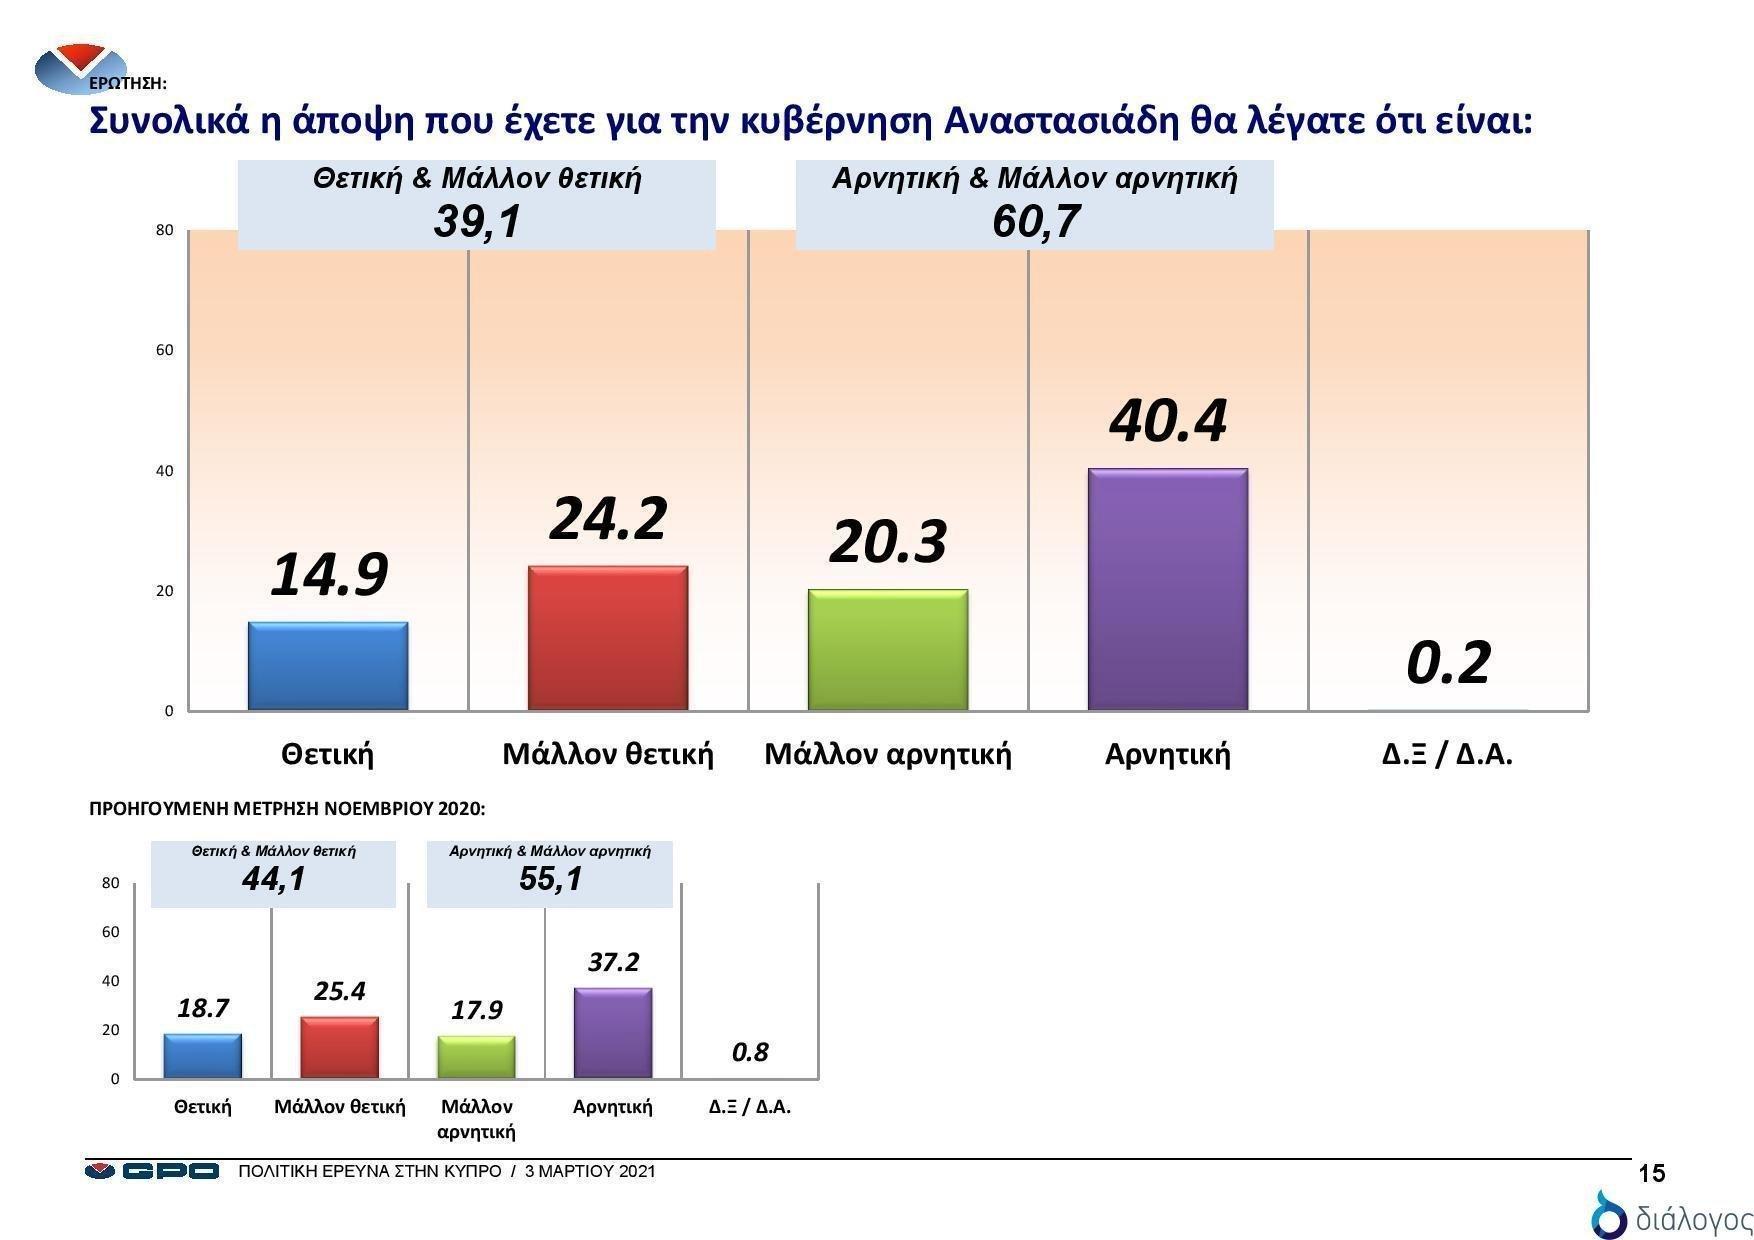 ΕΠΙΛΟΓΗ Έκθεση Κύπρου 2 ΜΑΡΤΙΟΥ 2021 page 002